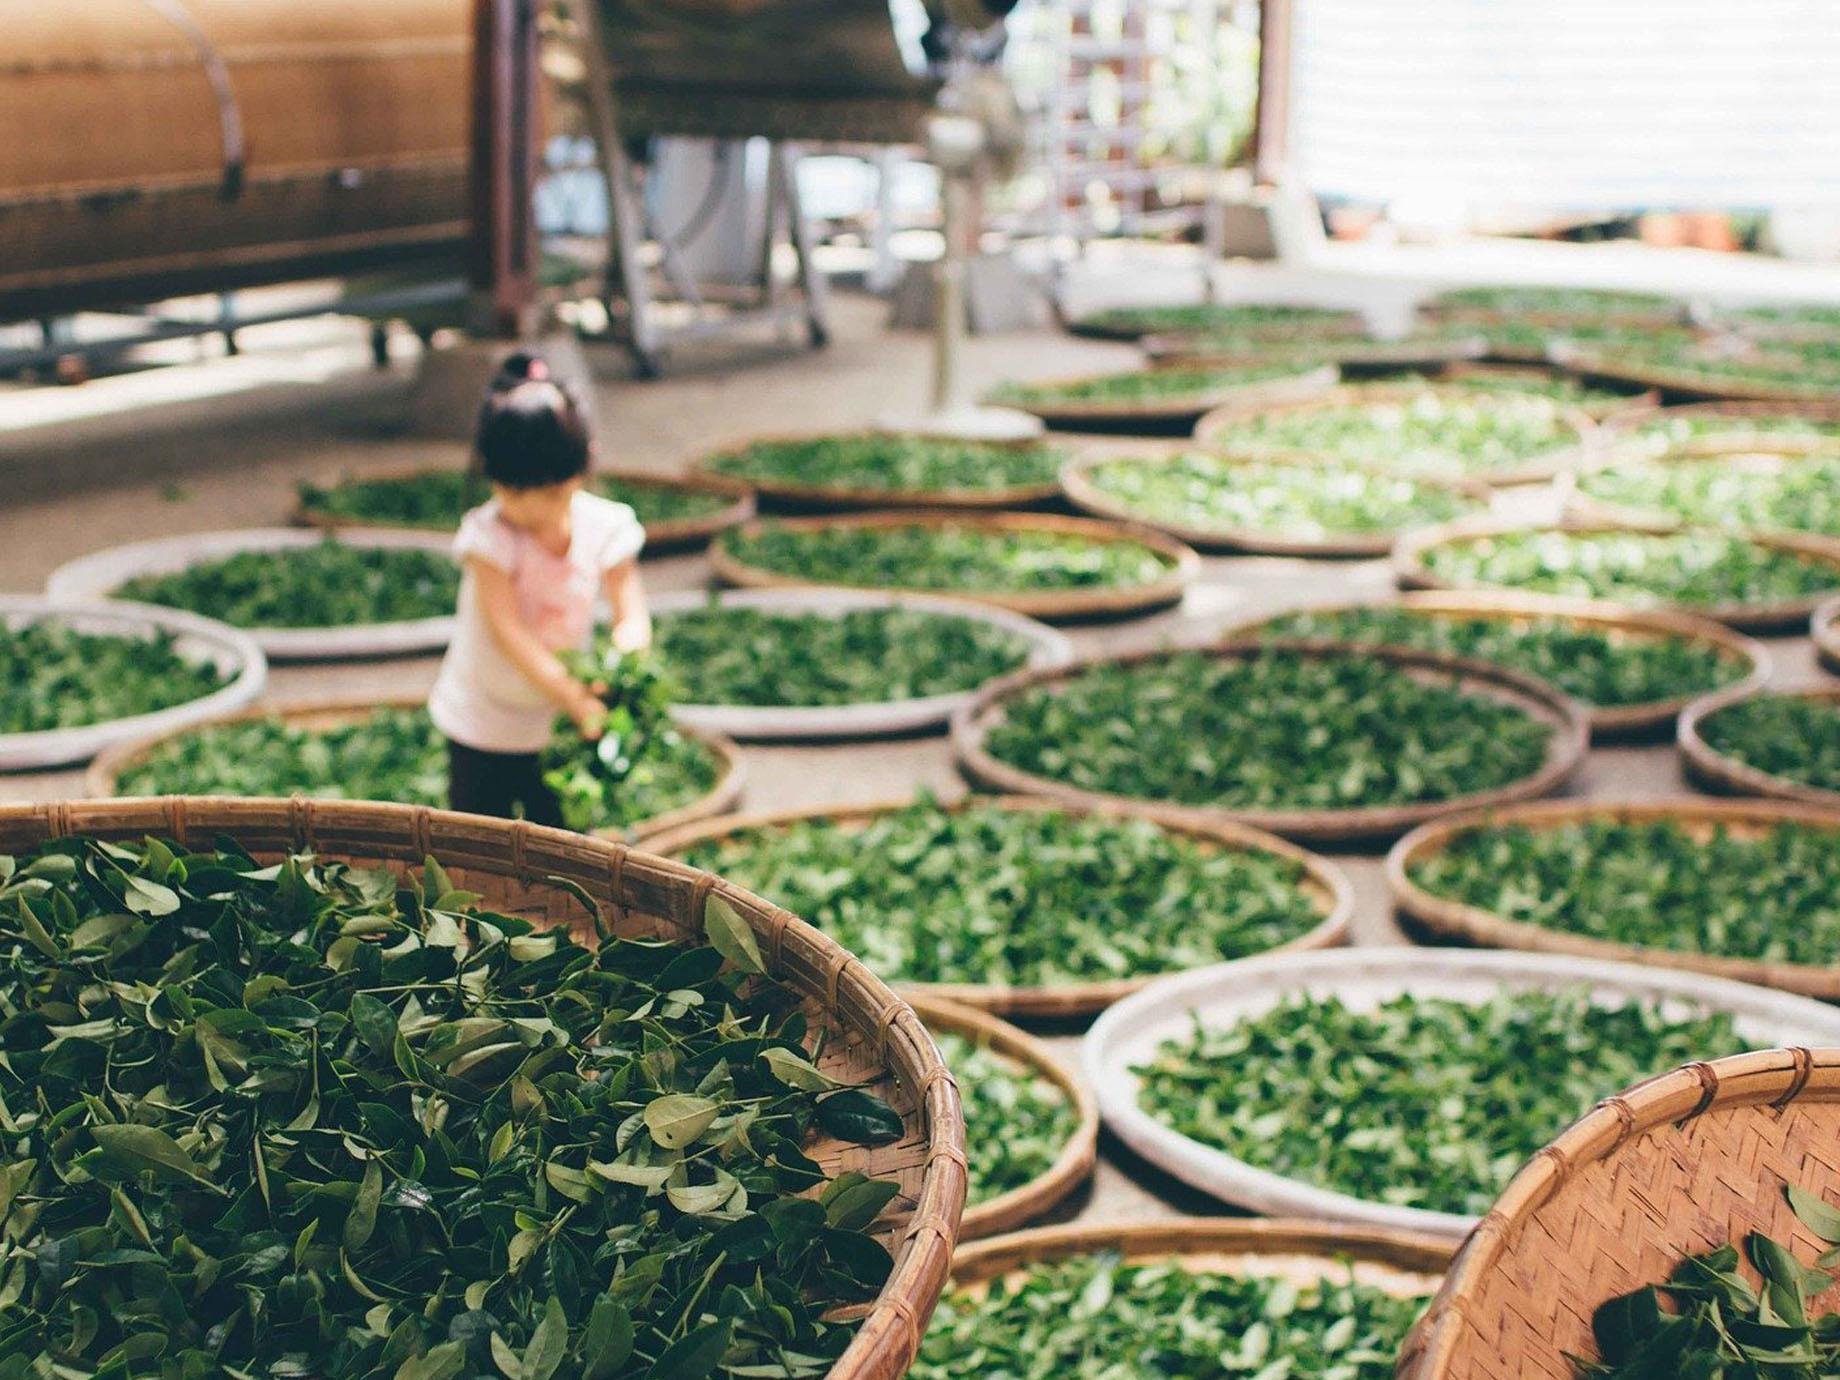 行銷人員該多喝美人茶!從職業找出最適合你的「飲茶性格」